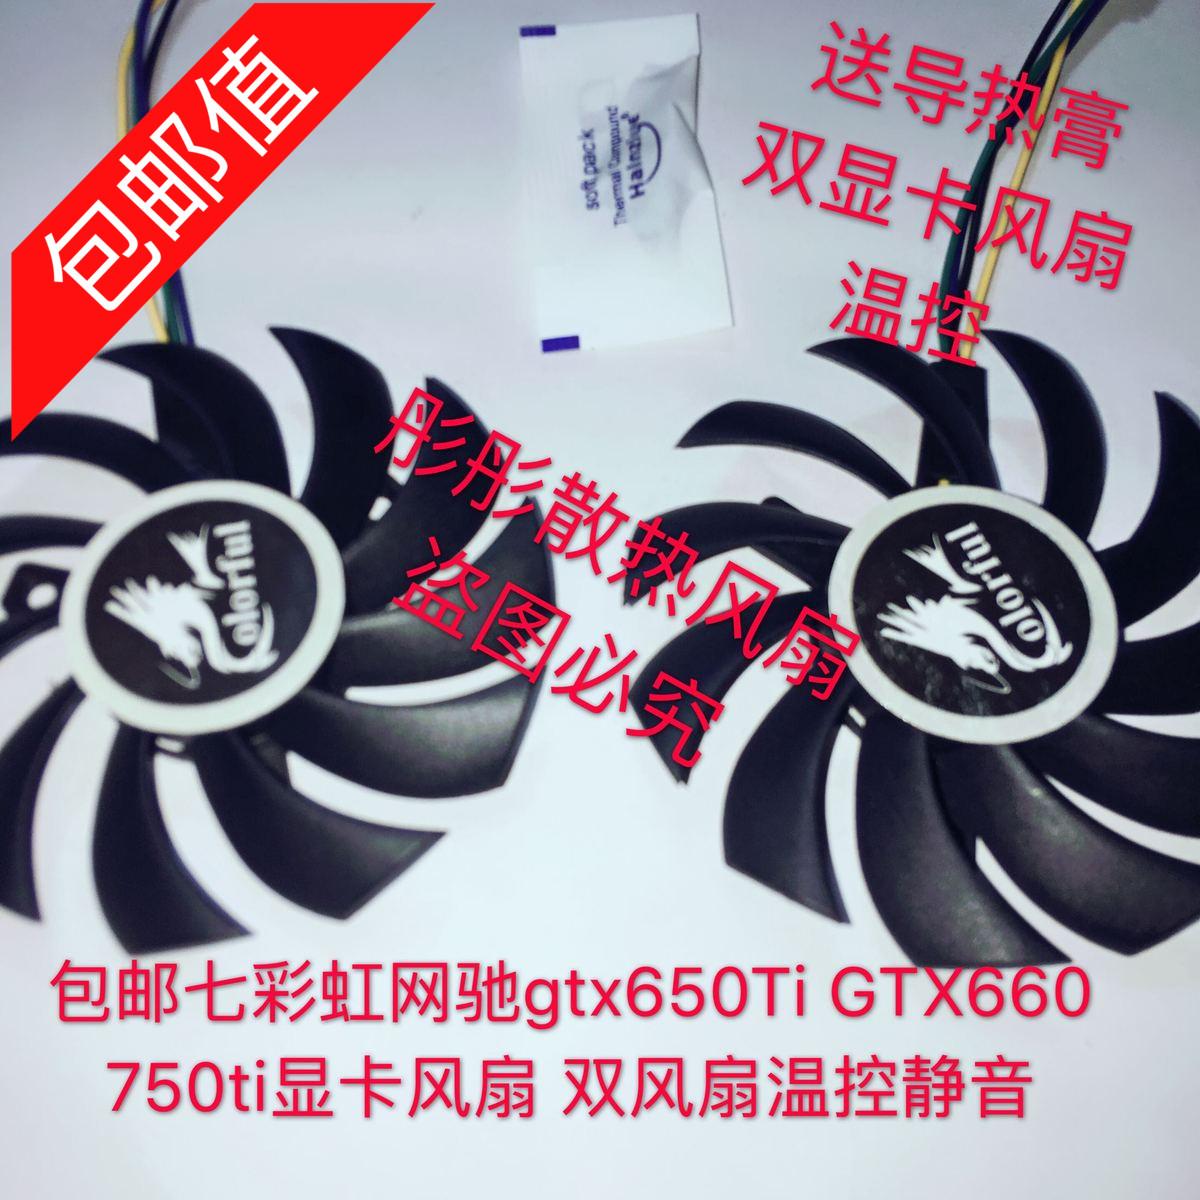 พัดลมระบายความร้อน Gtx650Ti Gtx660 750 Ti